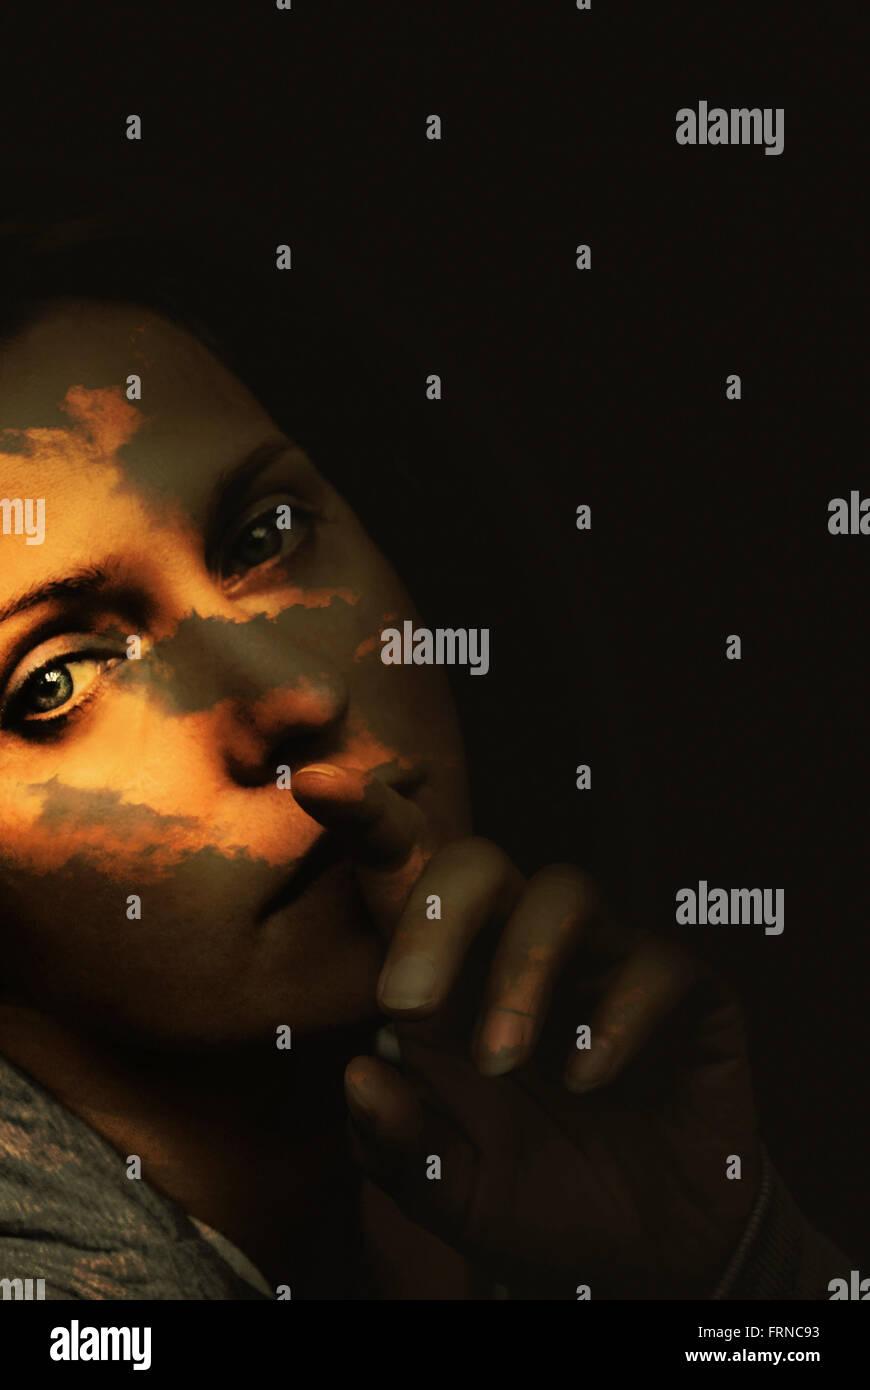 Retrato surrealista de la mujer joven con nubes sobre su cara Imagen De Stock